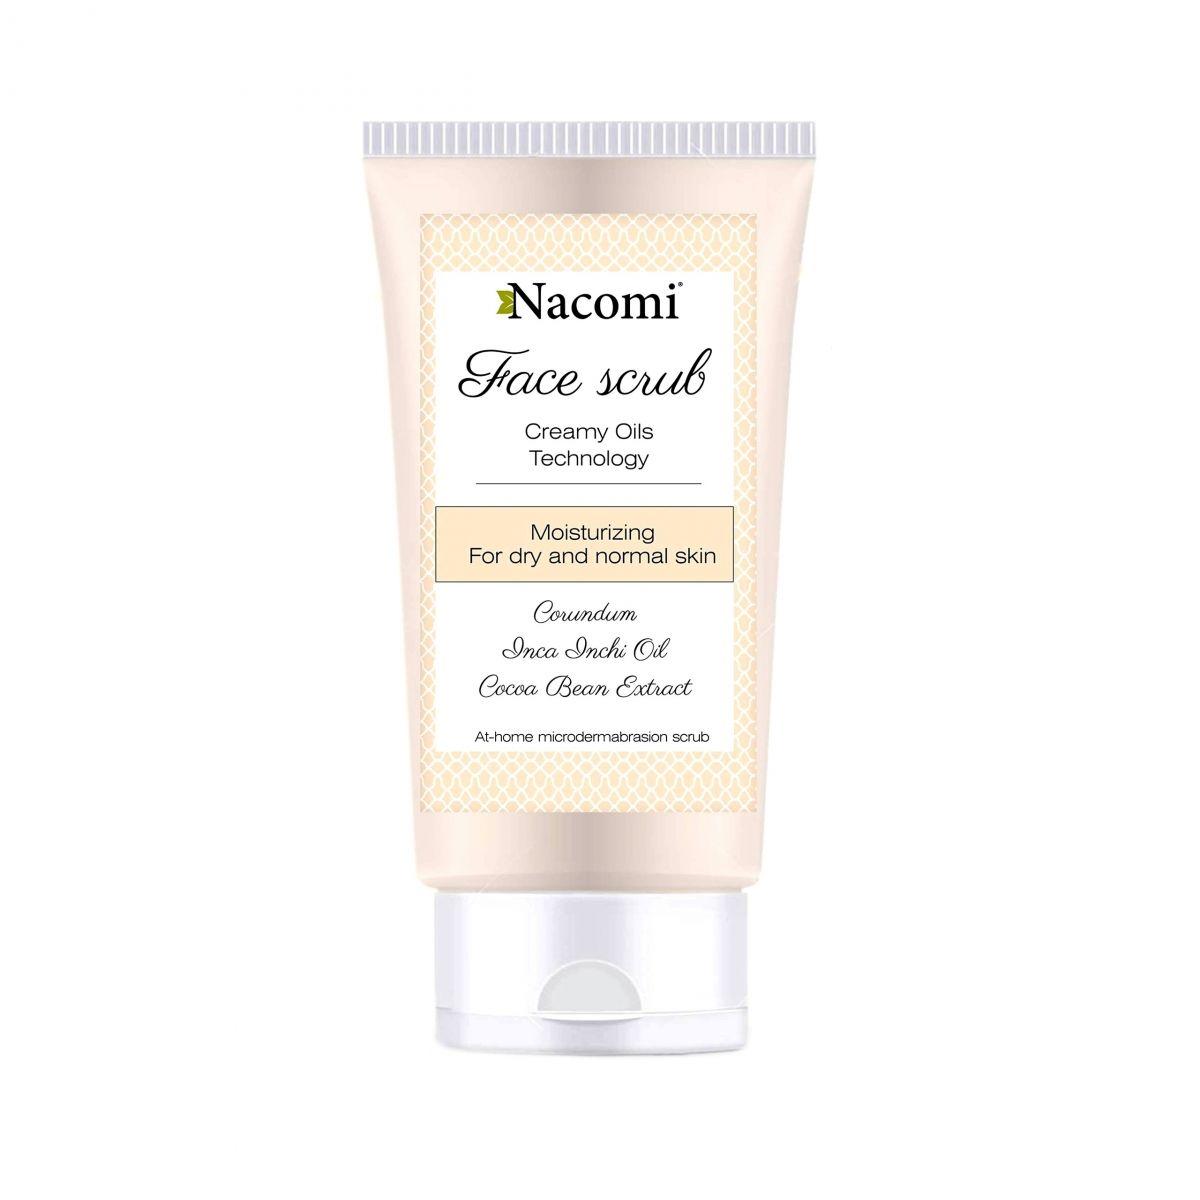 Nawilżający peeling do twarzy z korundem i olejem ze słodkich migdałów - 85ml - Nacomi